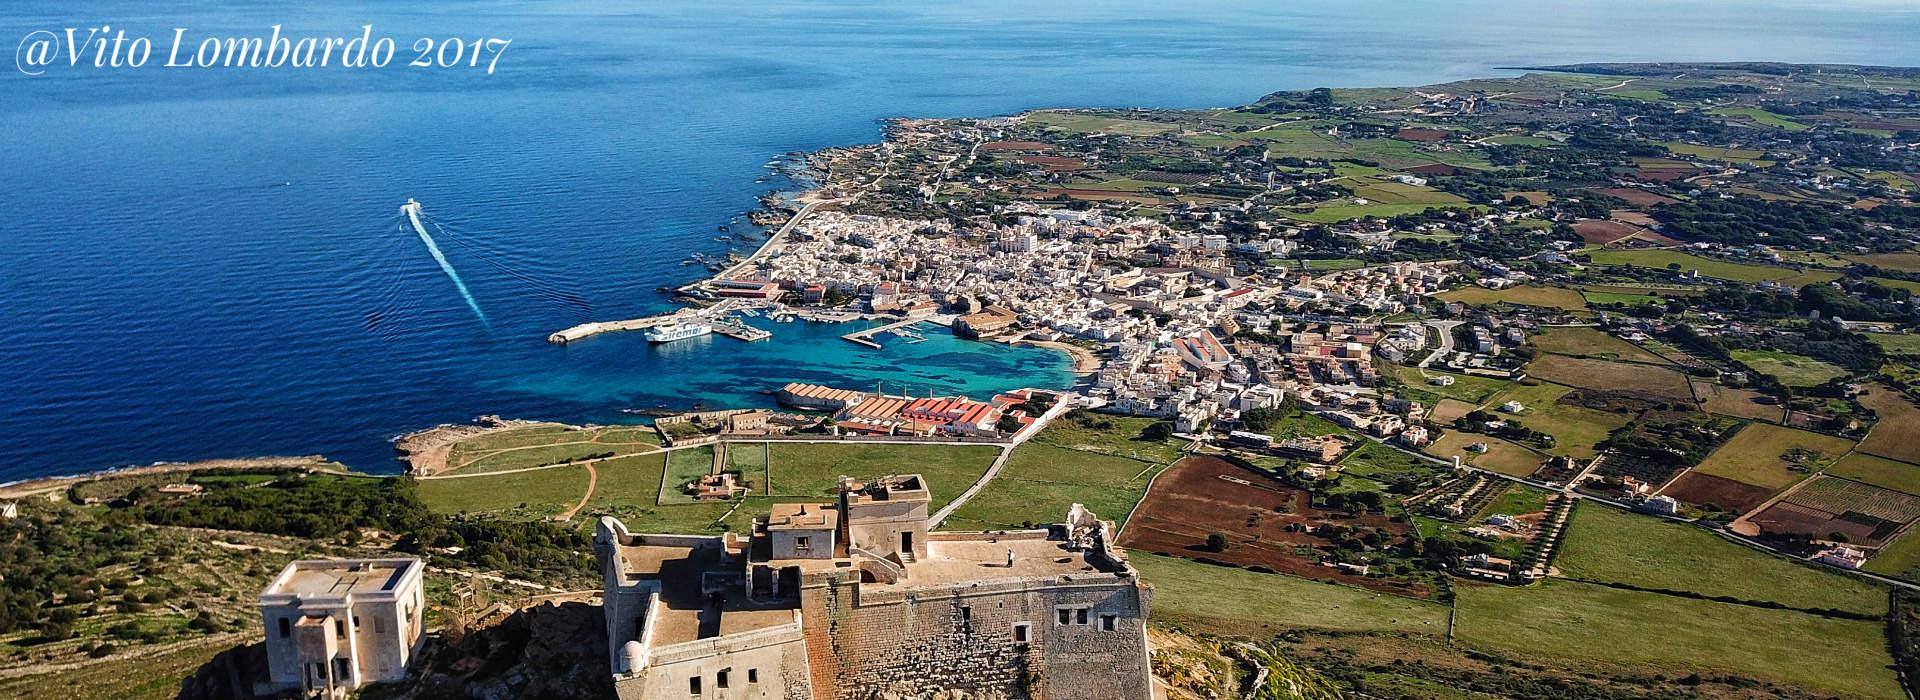 Castello di Favignana Santa Caterina